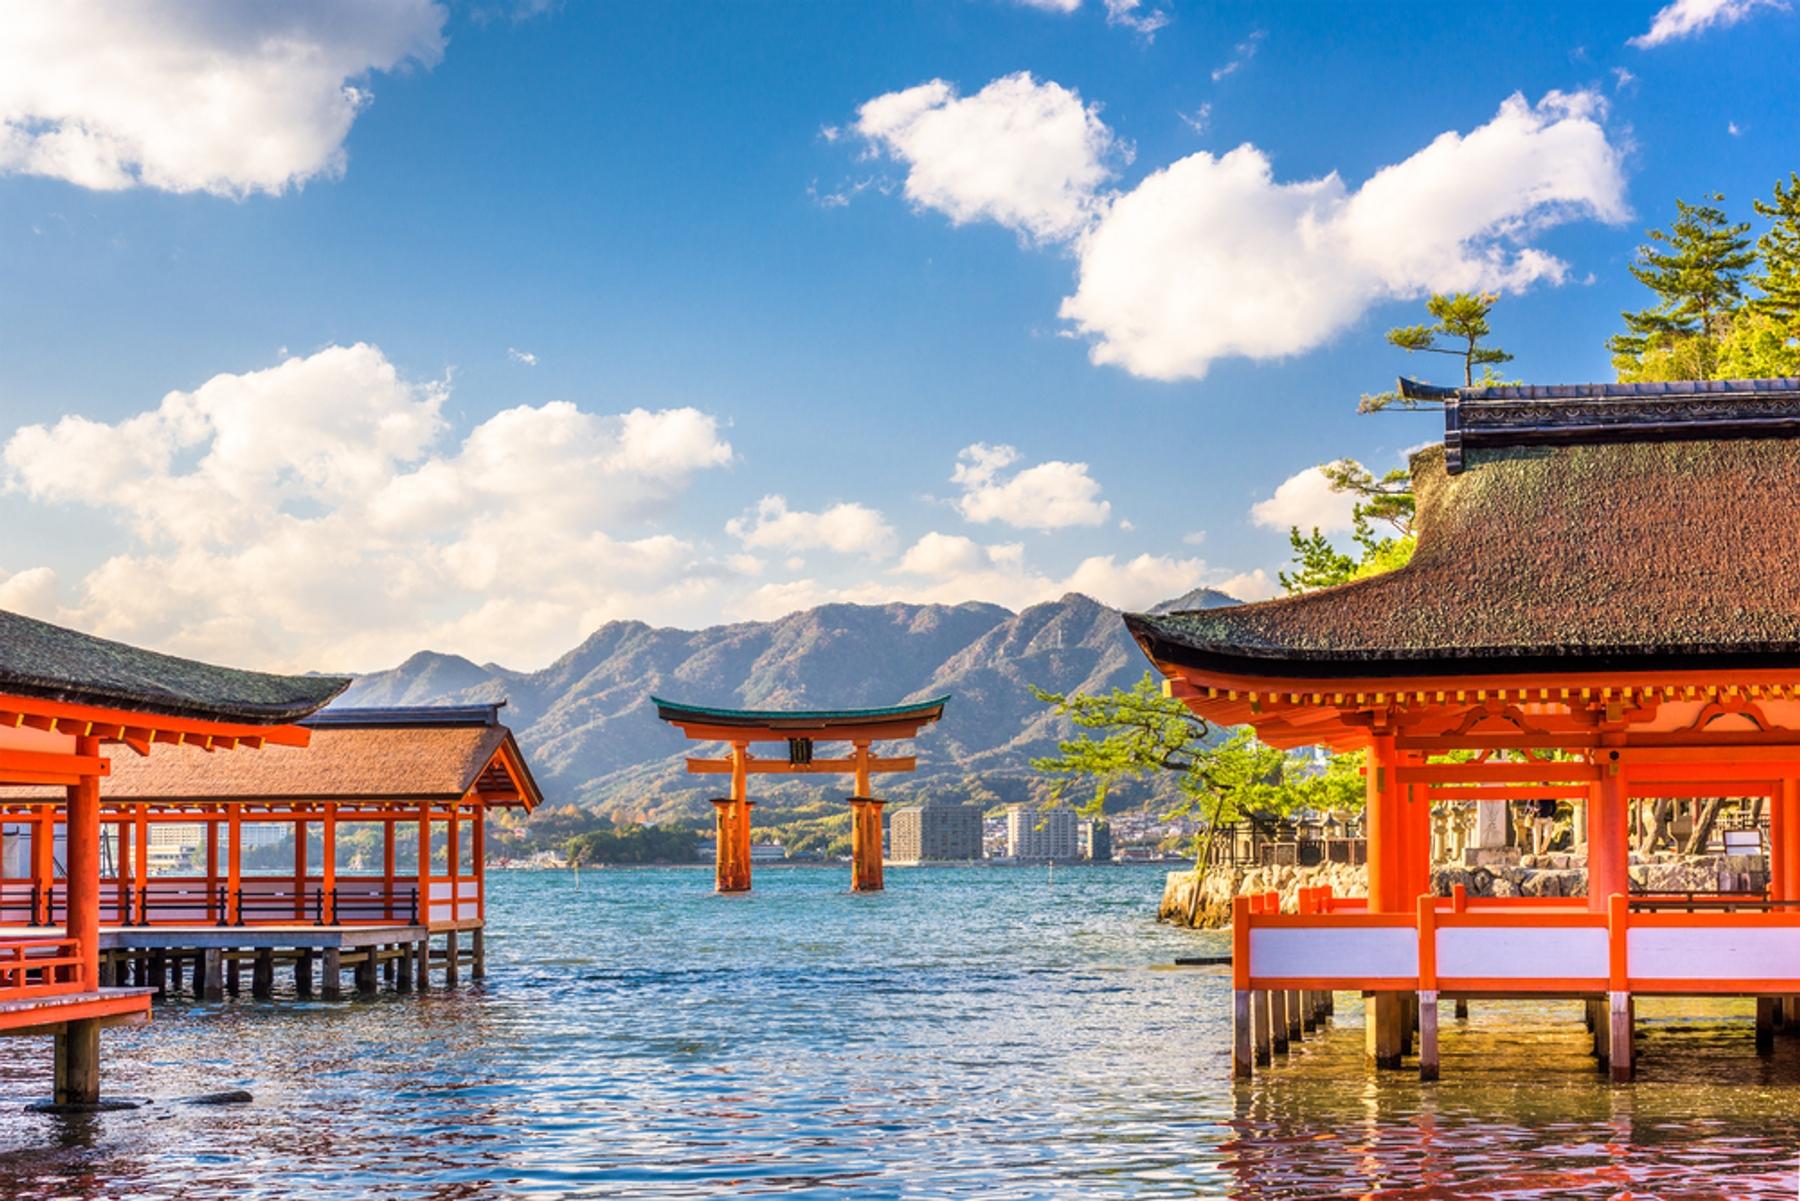 日本旅遊警示為第三級(警告:Warning),建議不宜前往,宜儘速離境